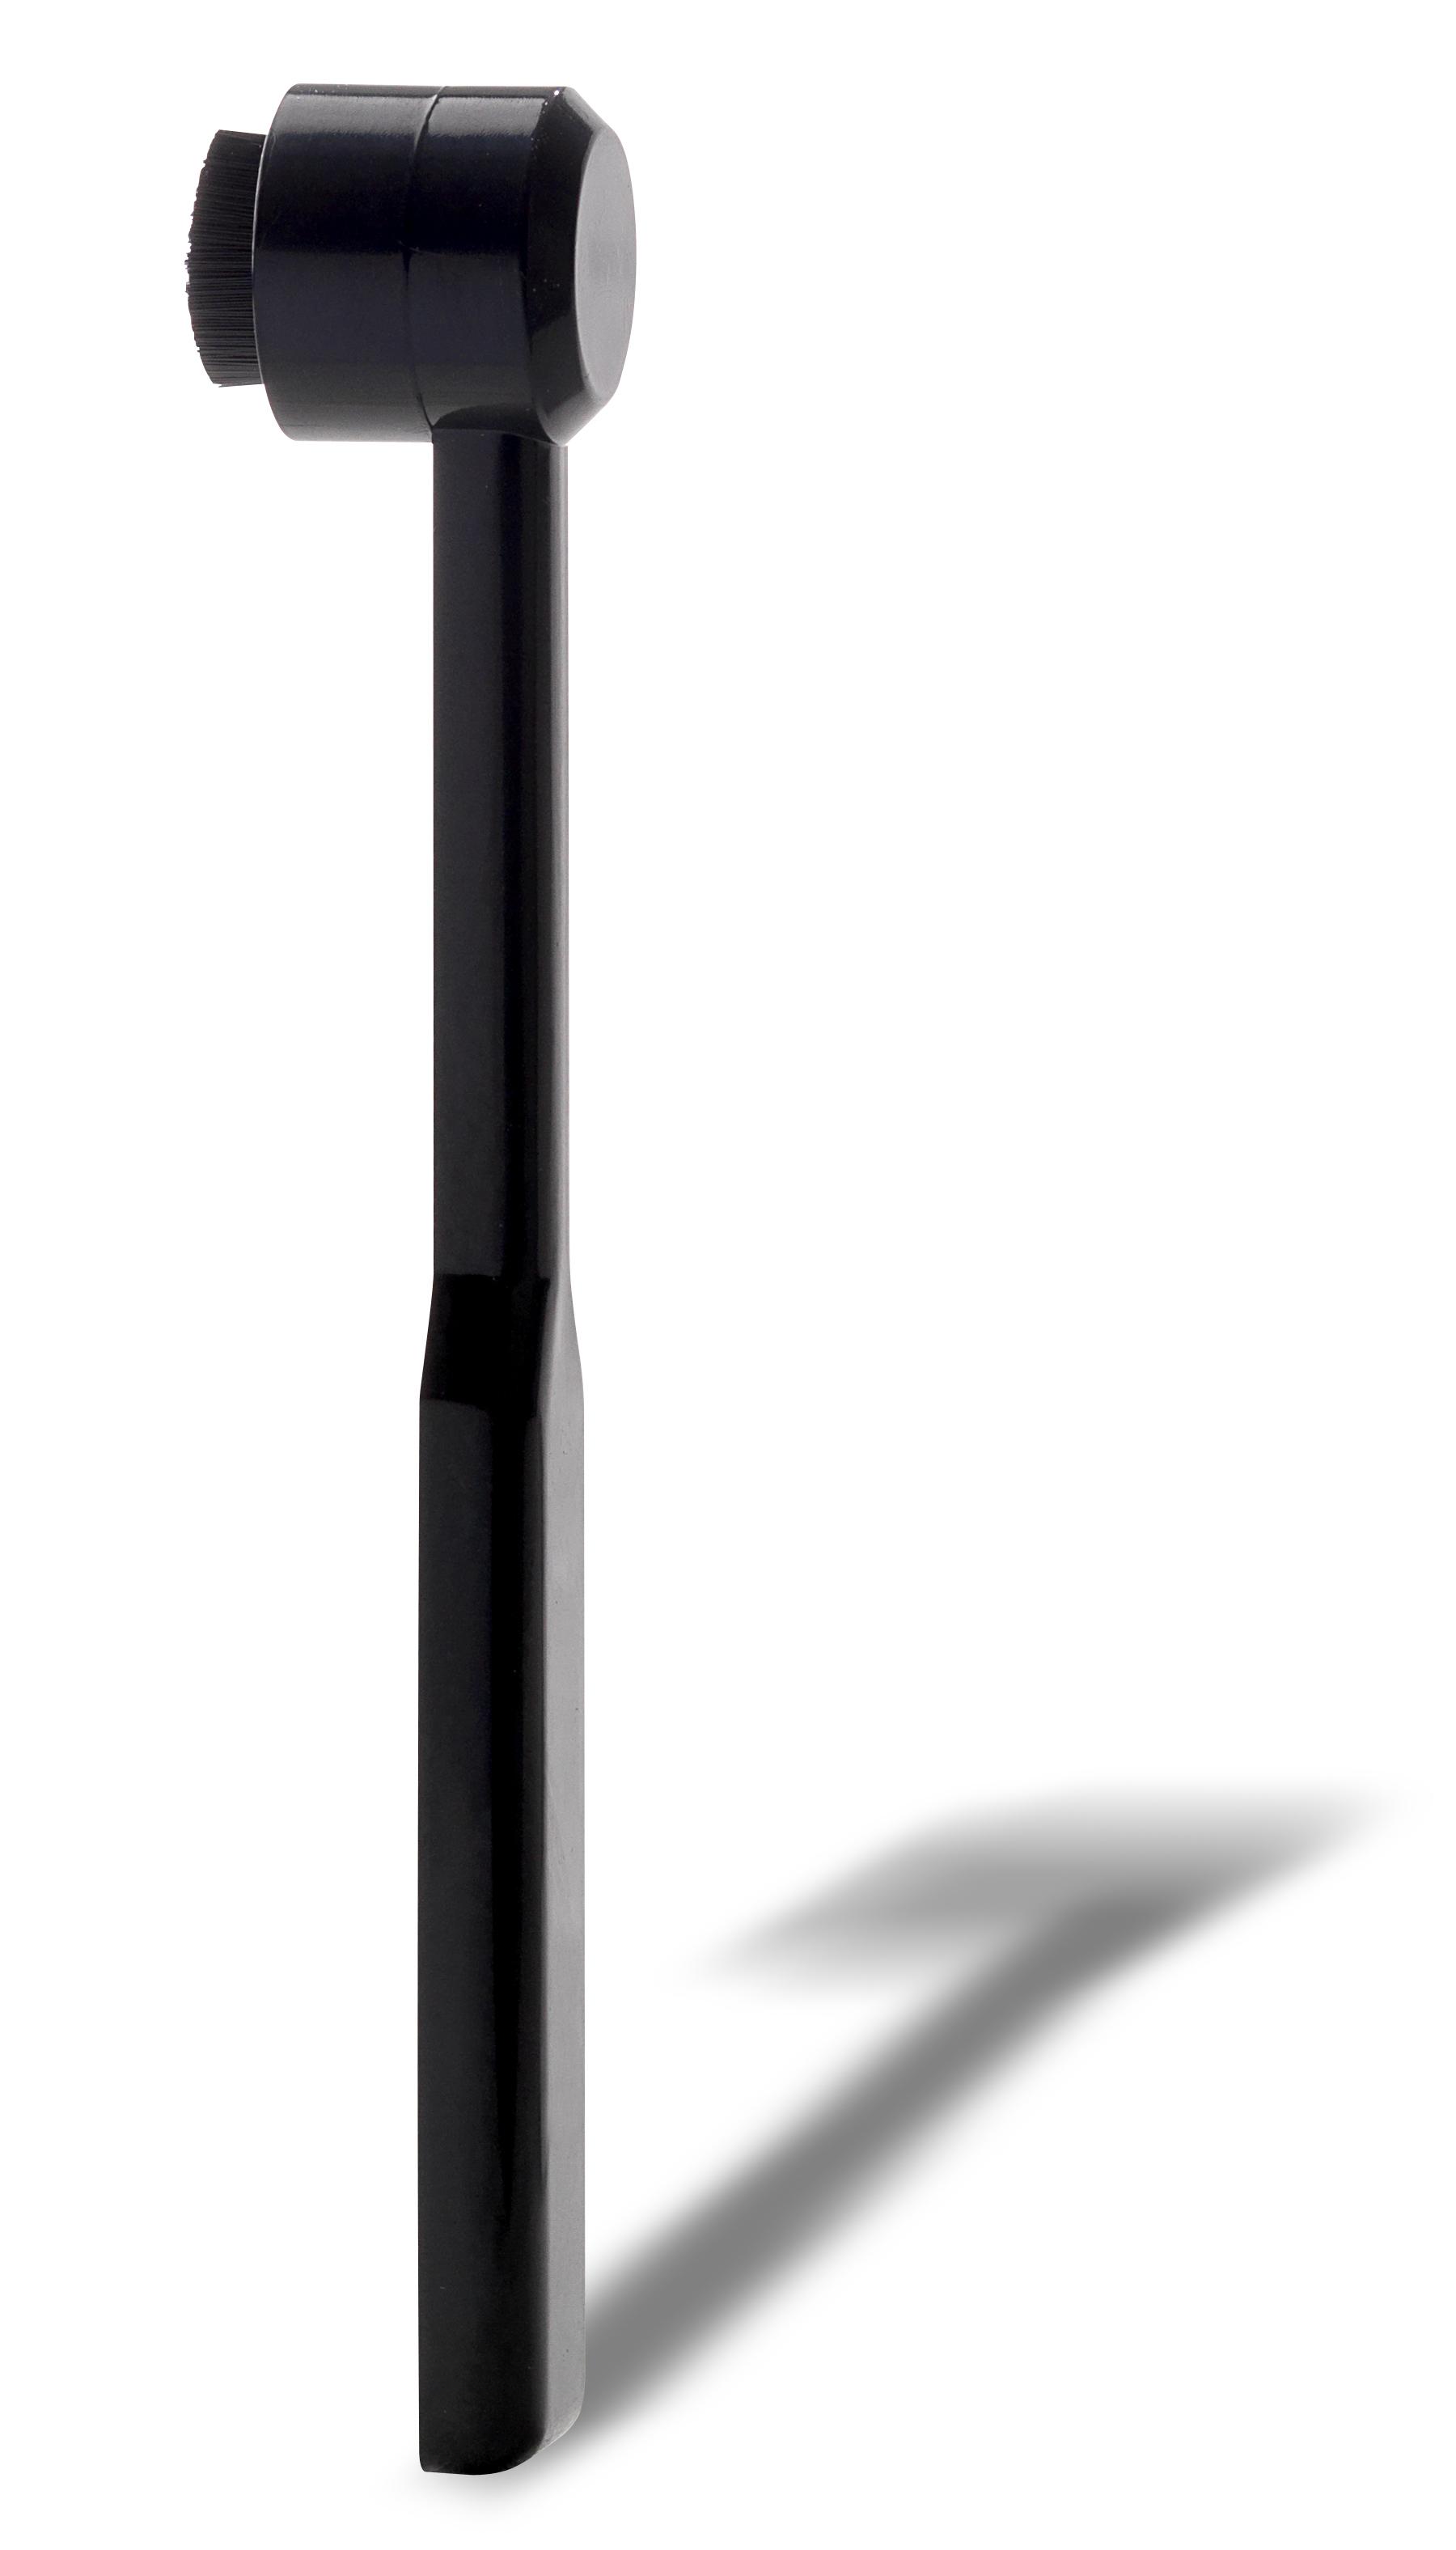 3e3344e728 Stylus brush